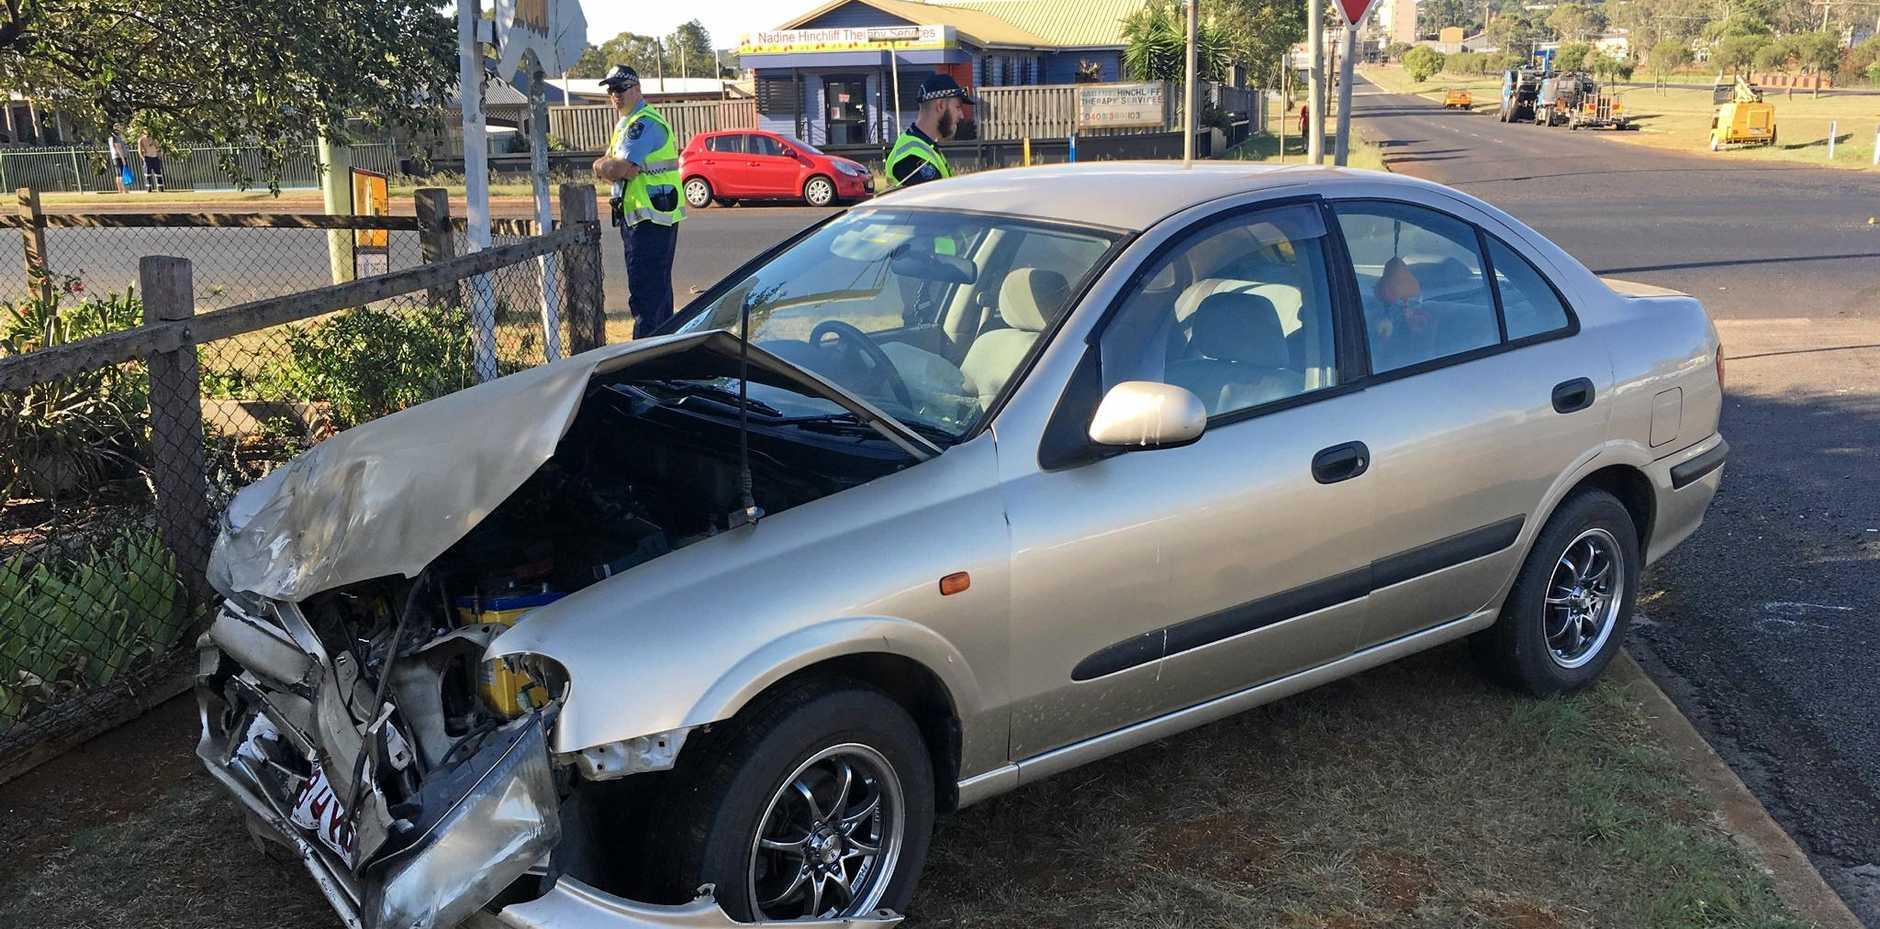 THE crash occurred at around 3.45pm.